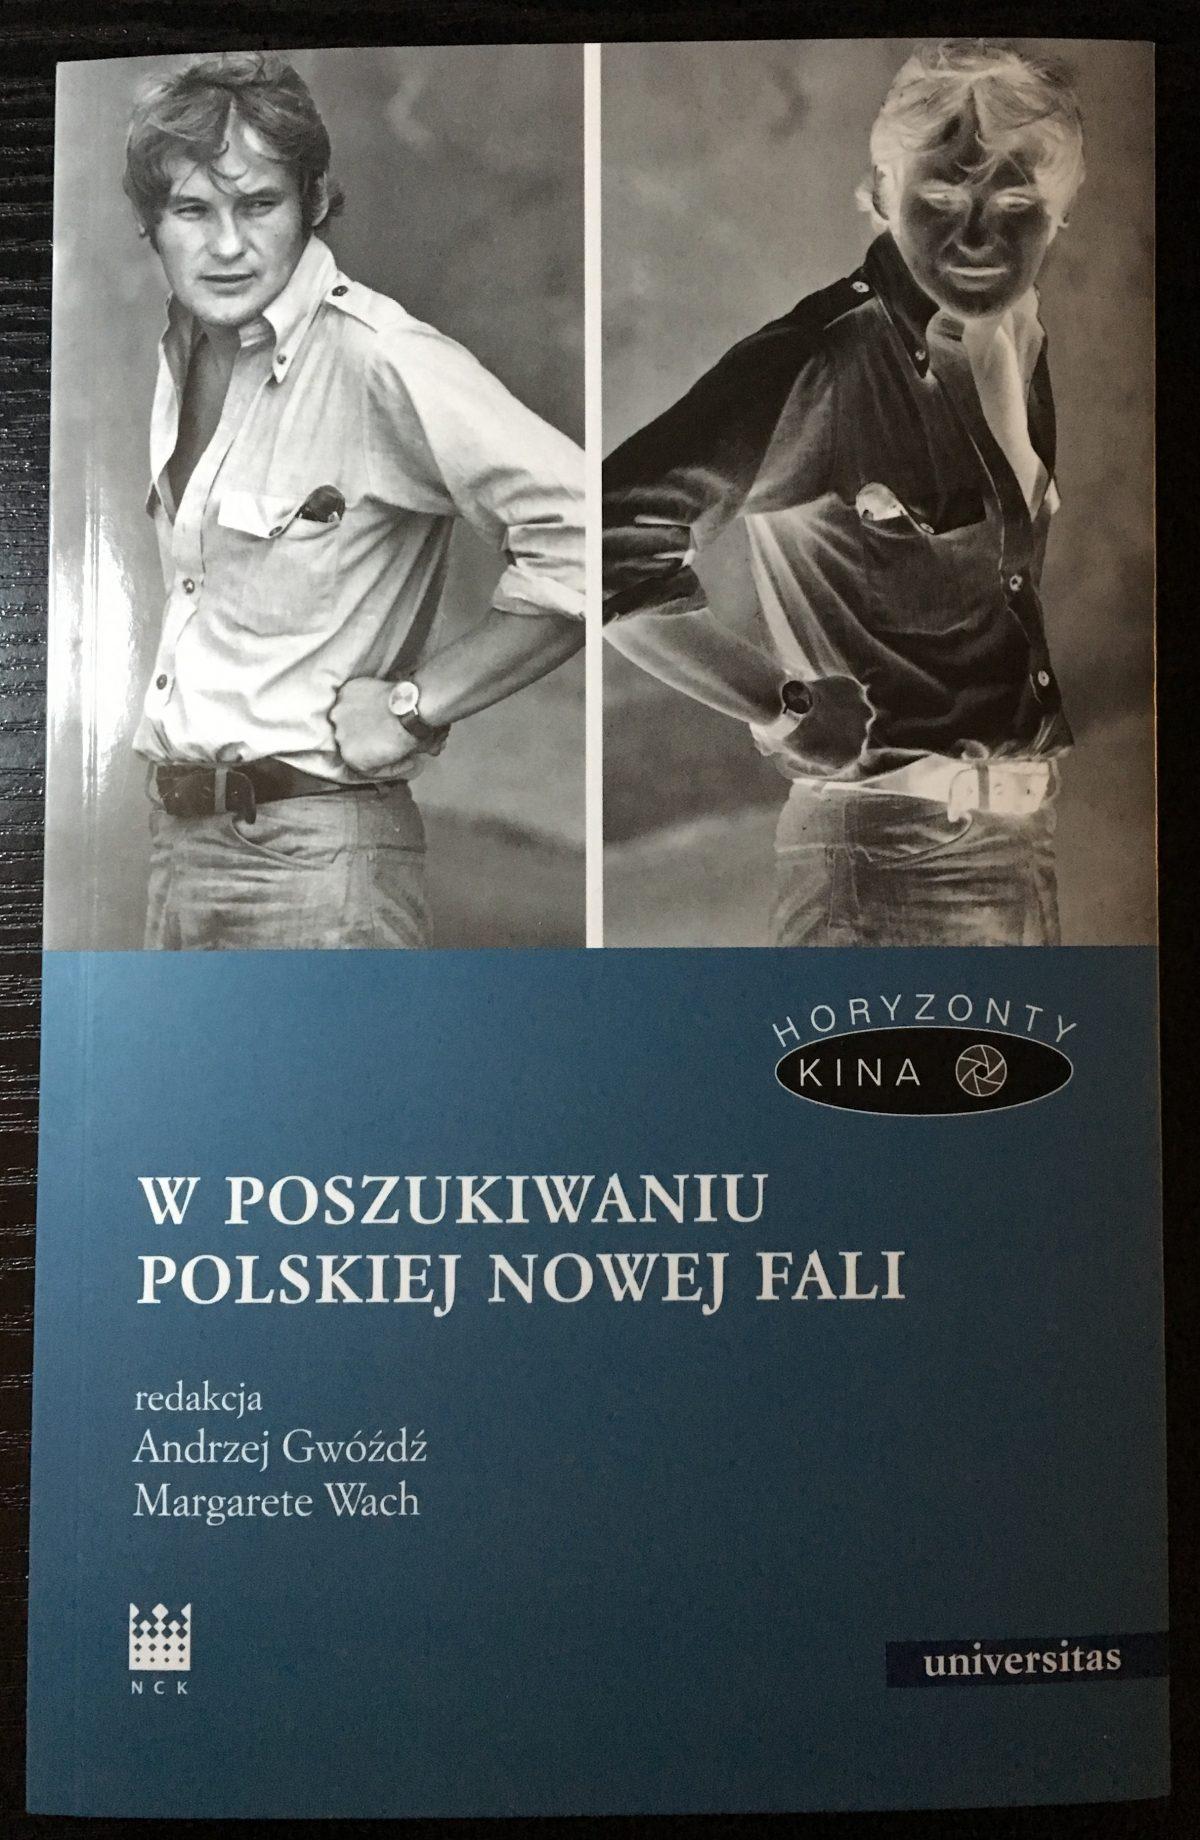 """""""Nouvelle Vague Polonaise"""" auf Polnisch erschienen"""